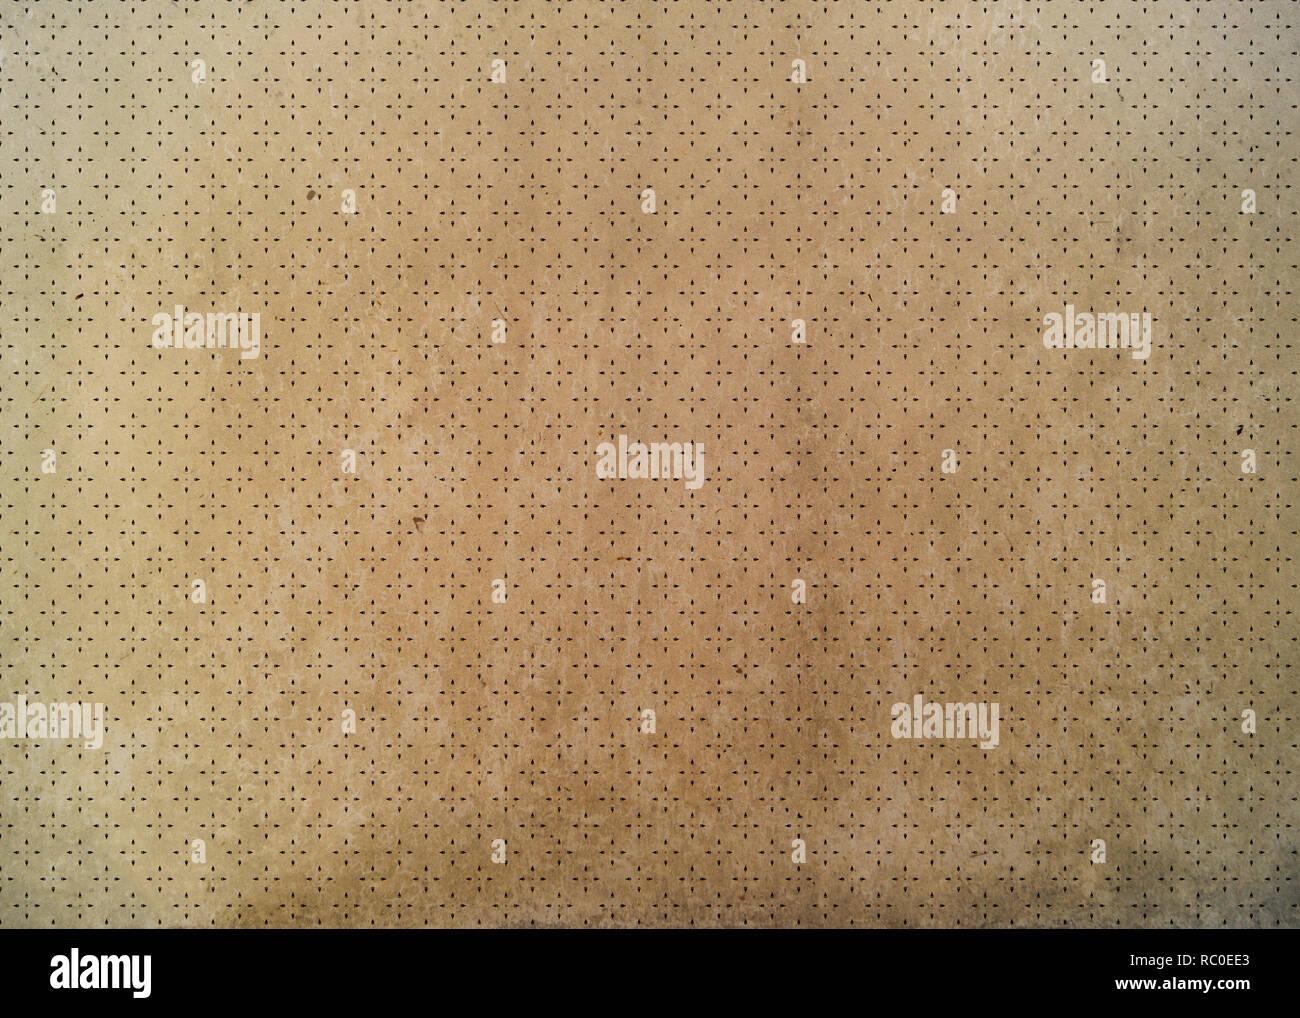 Abstract la configurazione di sfondo sul vecchio grunge background. Forme geometriche. Immagini Stock